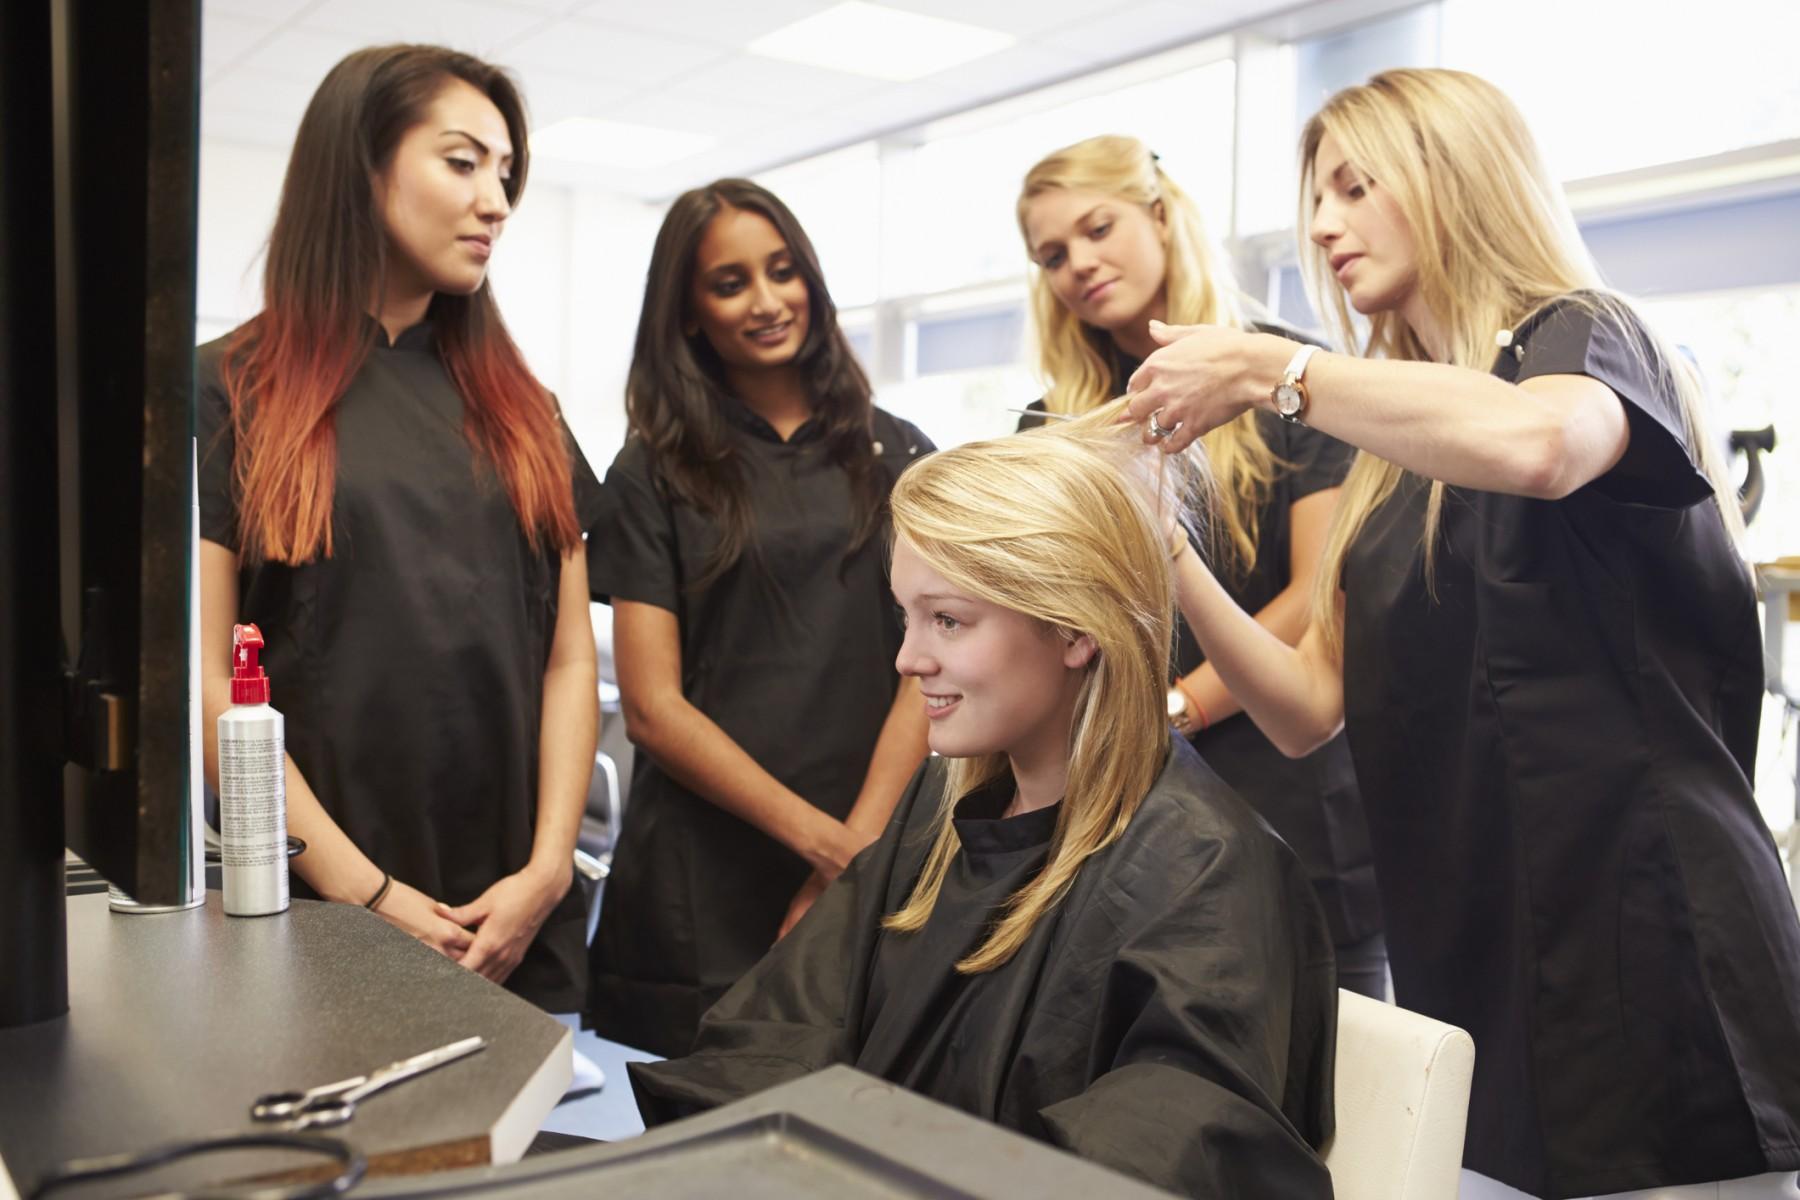 Artarmon Hair salon for sale in busy Sydney suburb